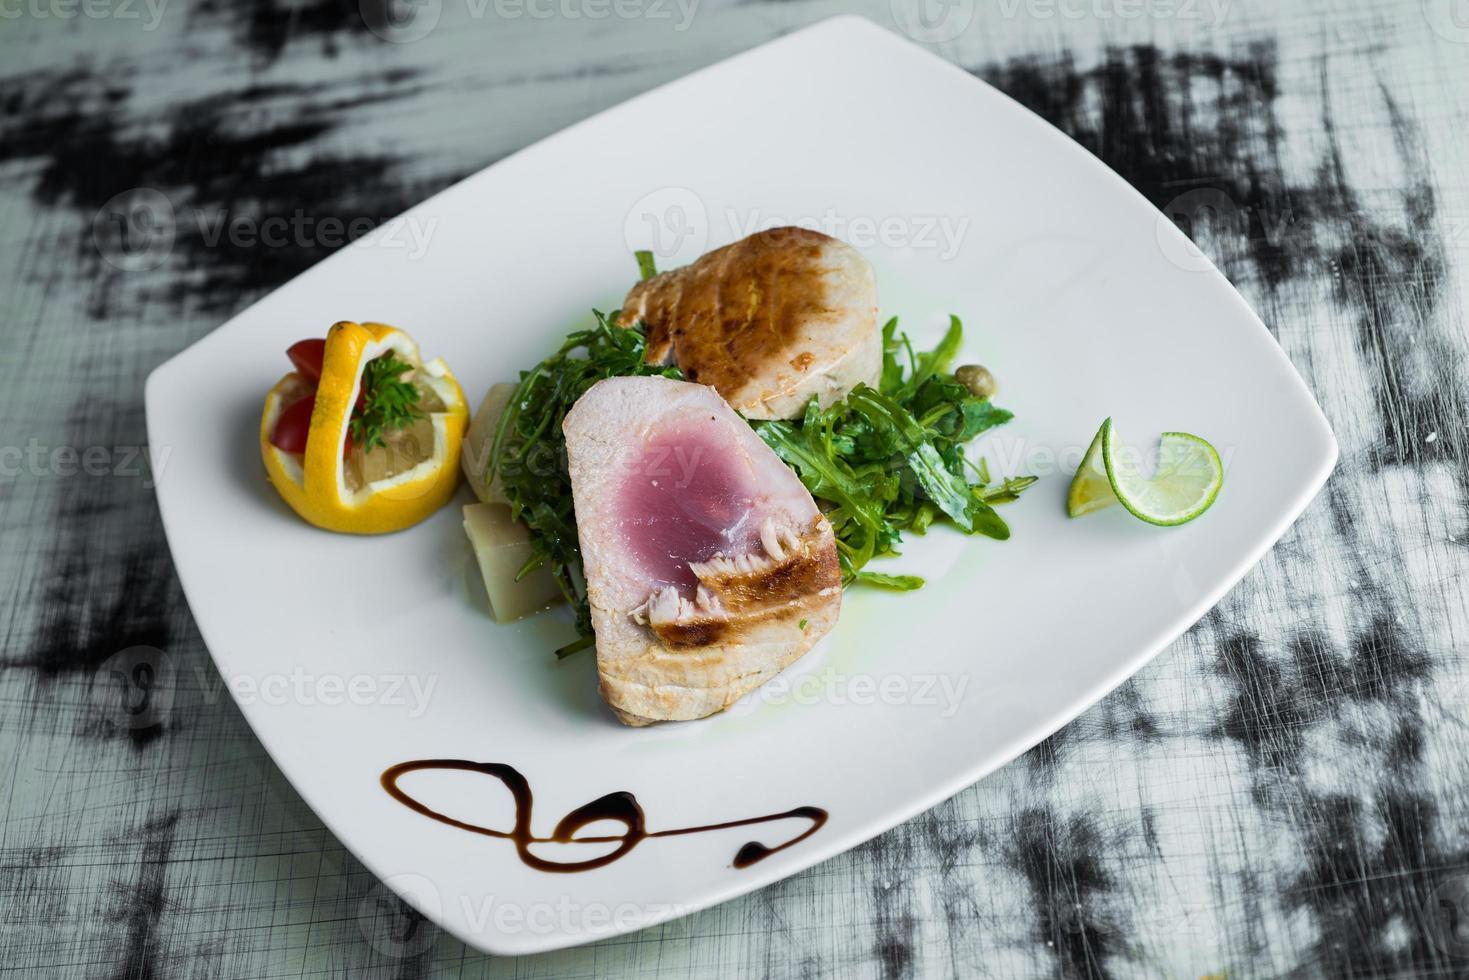 grillad tonfisk med rucola foto